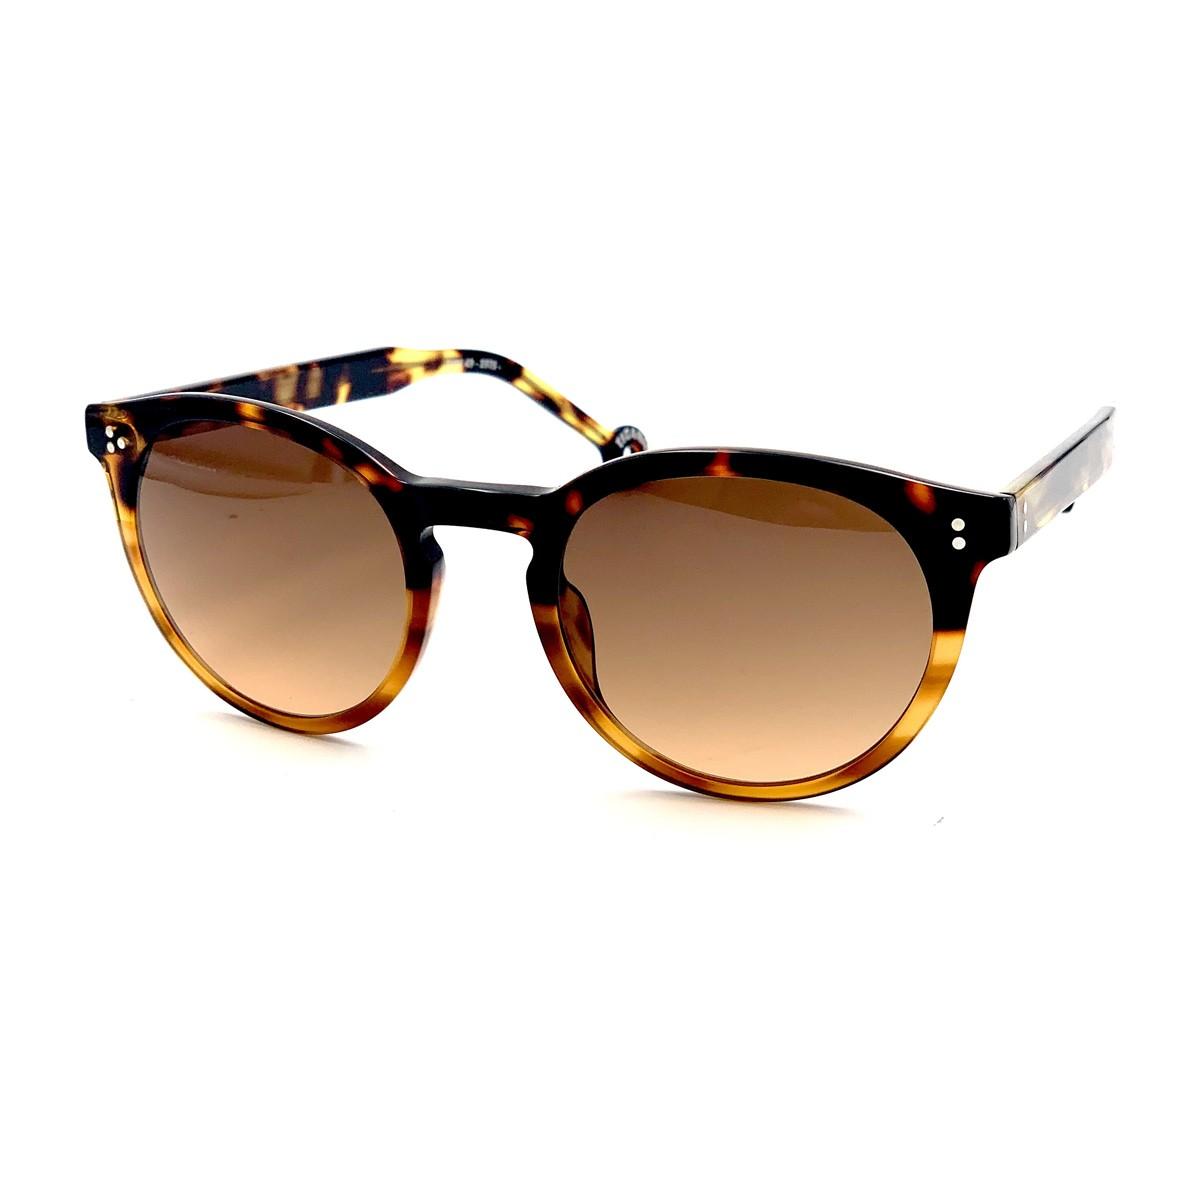 Hally & Son HS607   Unisex sunglasses